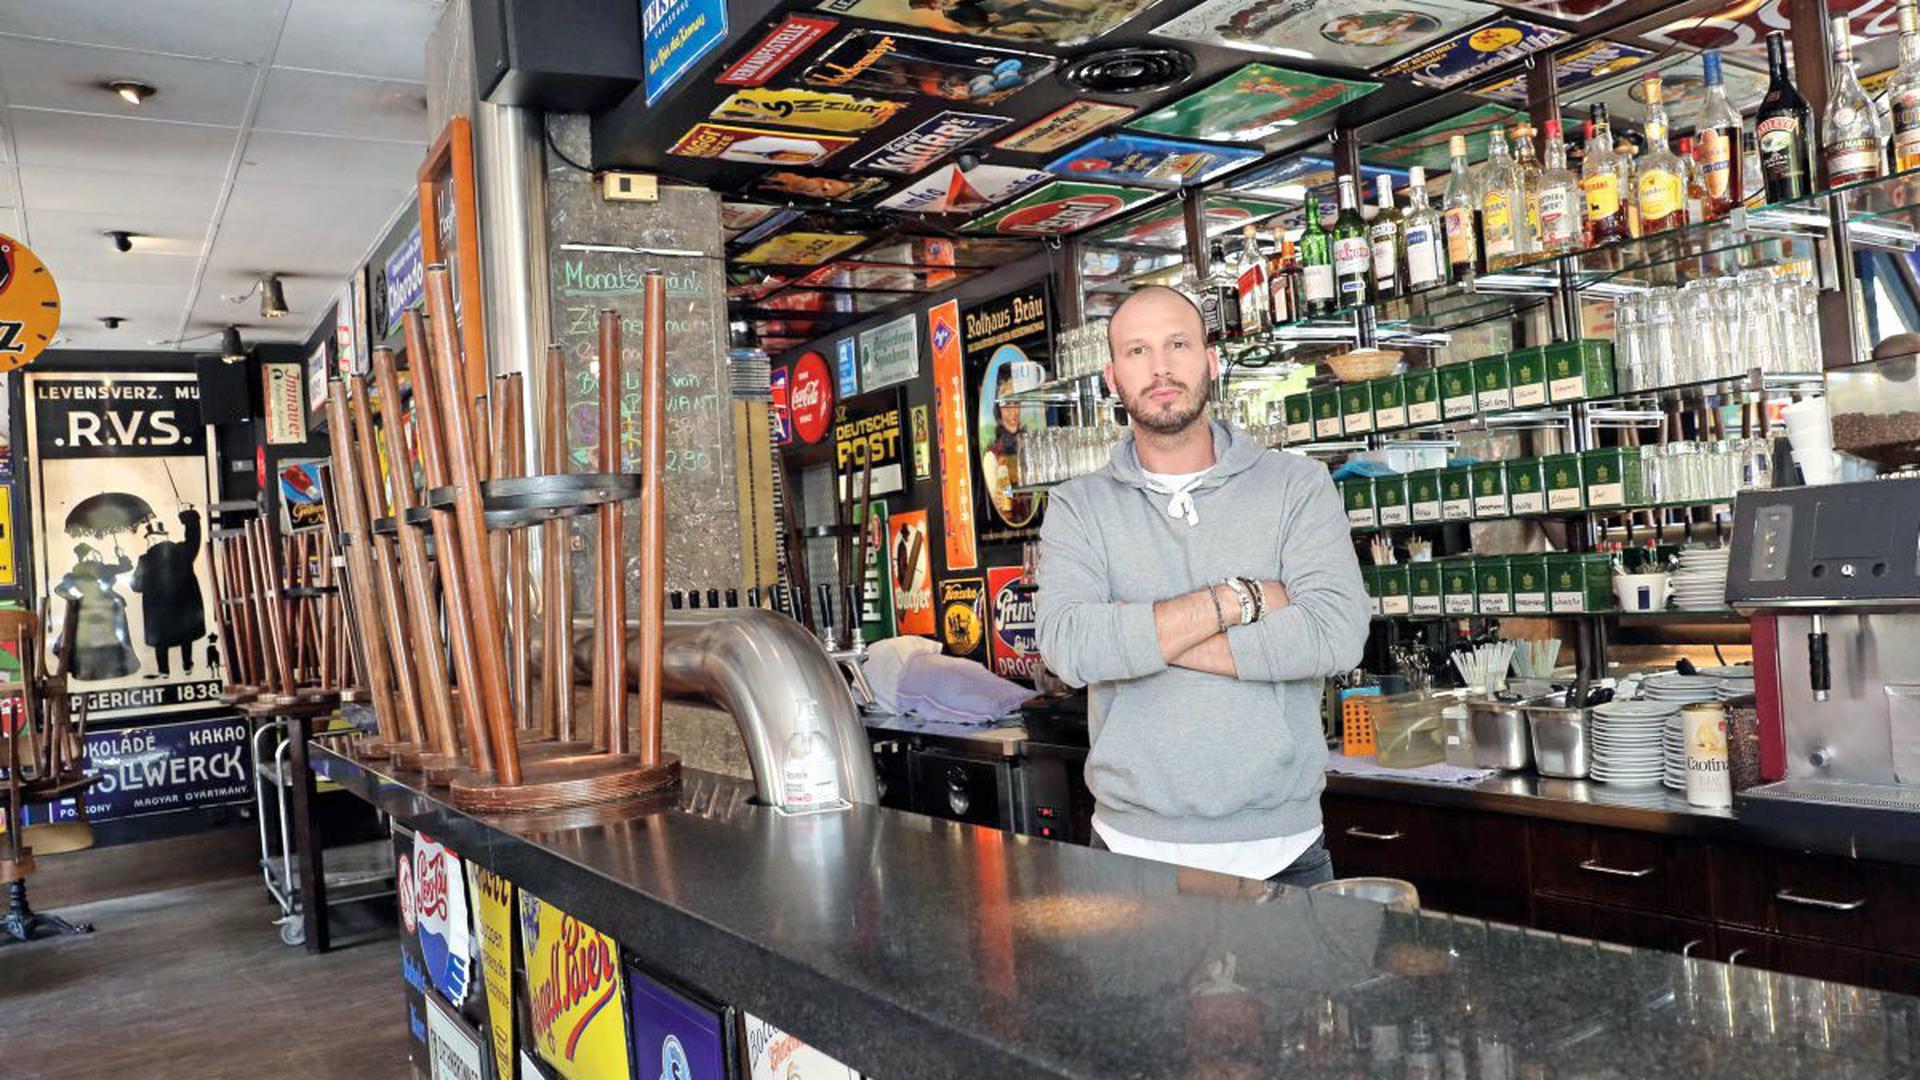 Markus Prikryl arbeitet als Betriebsleiter im Café Bleu. Warum es keine Lockerungen gab, kann er nicht verstehen.